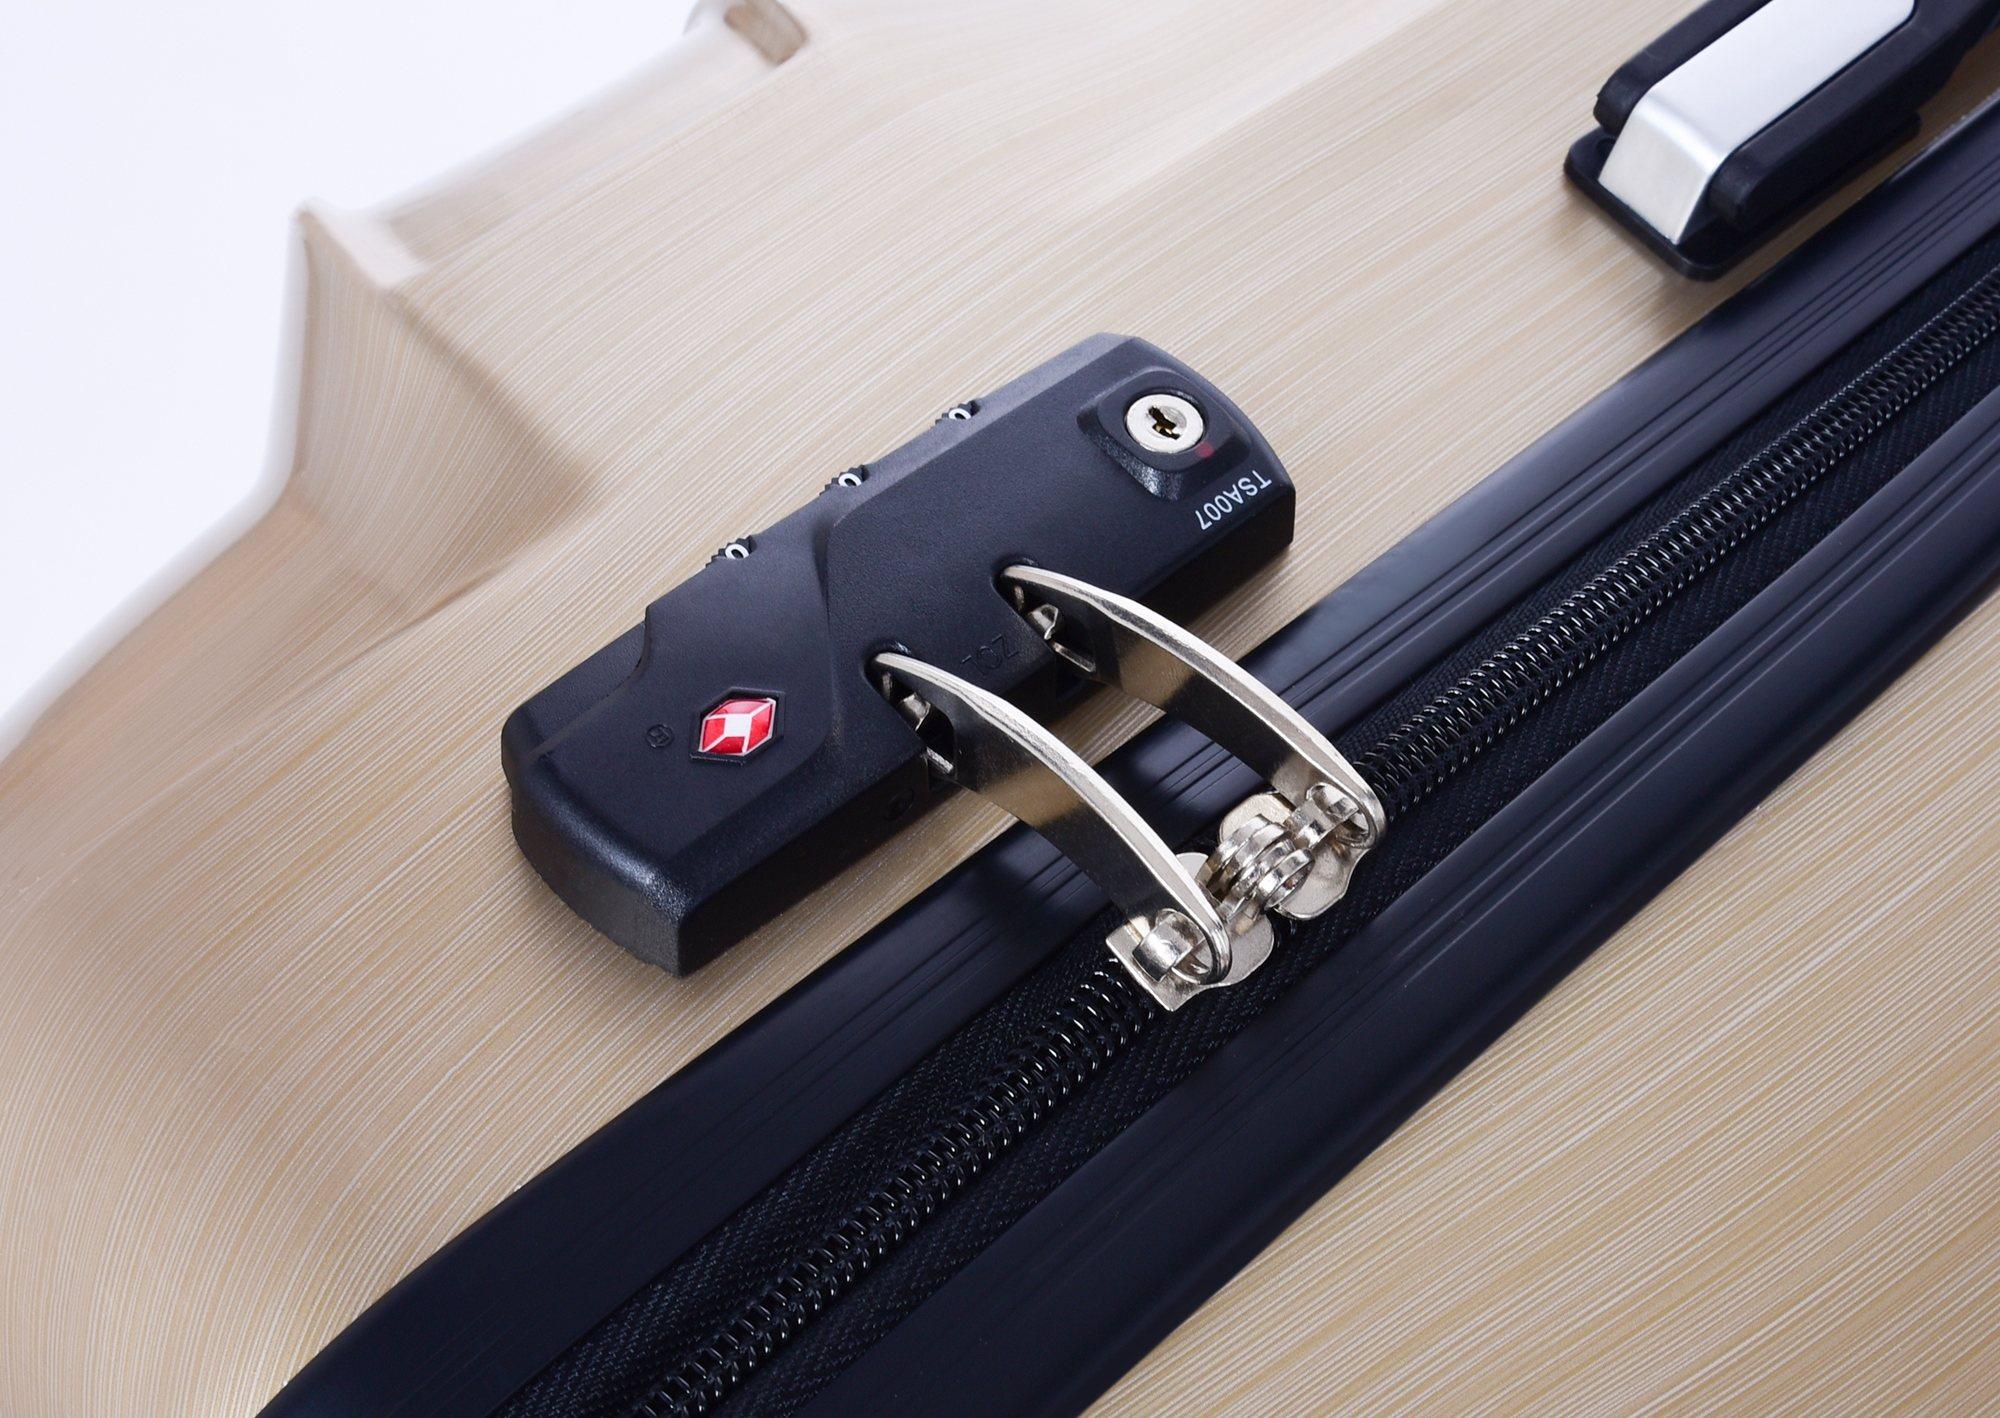 a71143c459b91 Špeciálny TSA zámok = certifikovaný zámok, ktorý predchádza poškodeniu  batožiny v prípade bezpečnostnej kontroly na letisku.